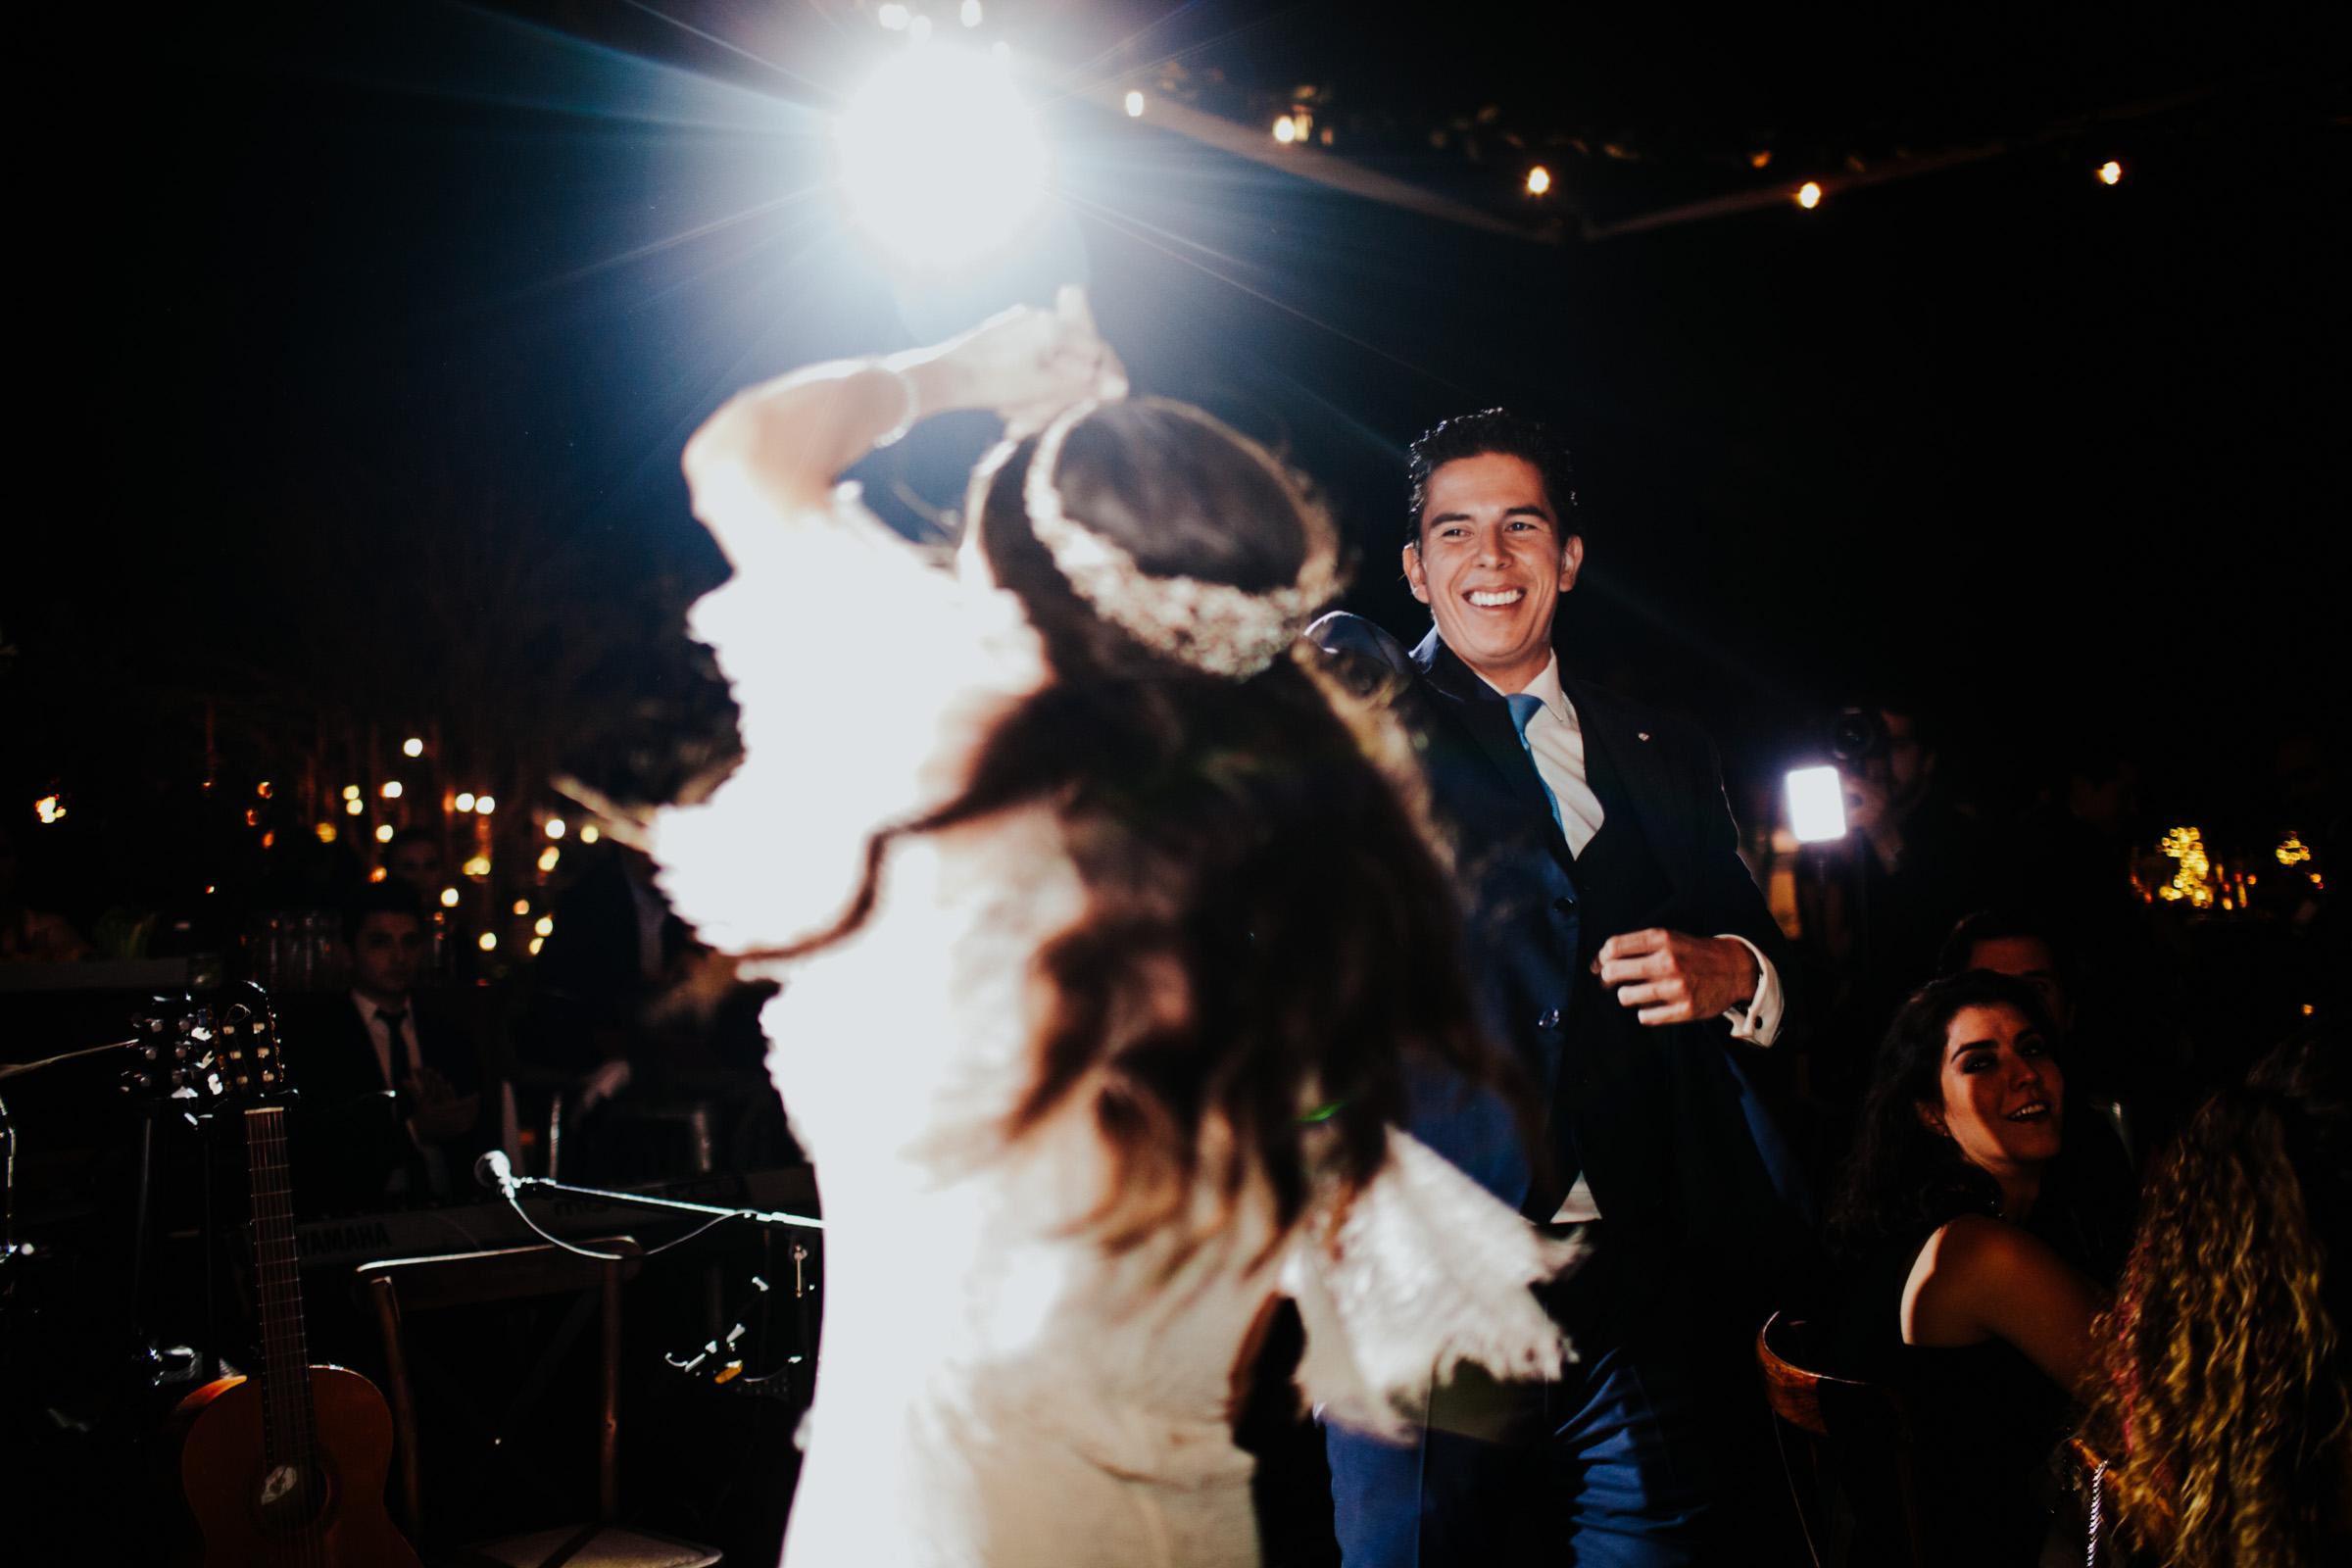 boda-mexico-fotografia-leon-guanajuato-san-miguel-de-allende-lucia-lorenzo-pierce-361.jpg